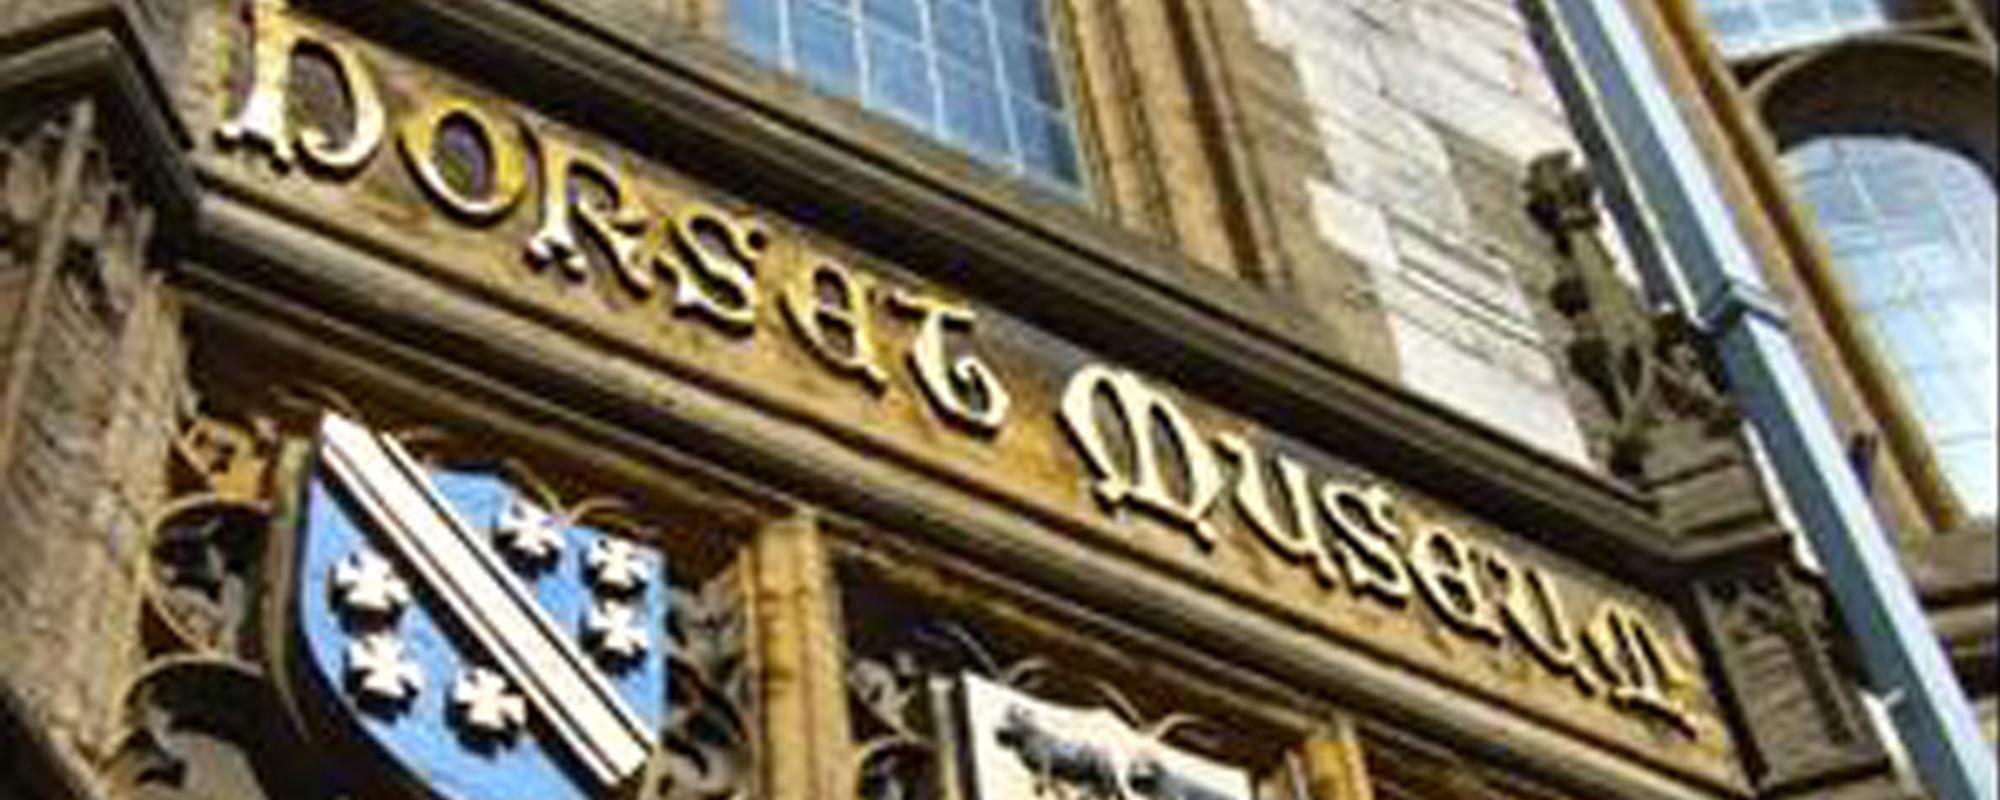 Dorset museum.full